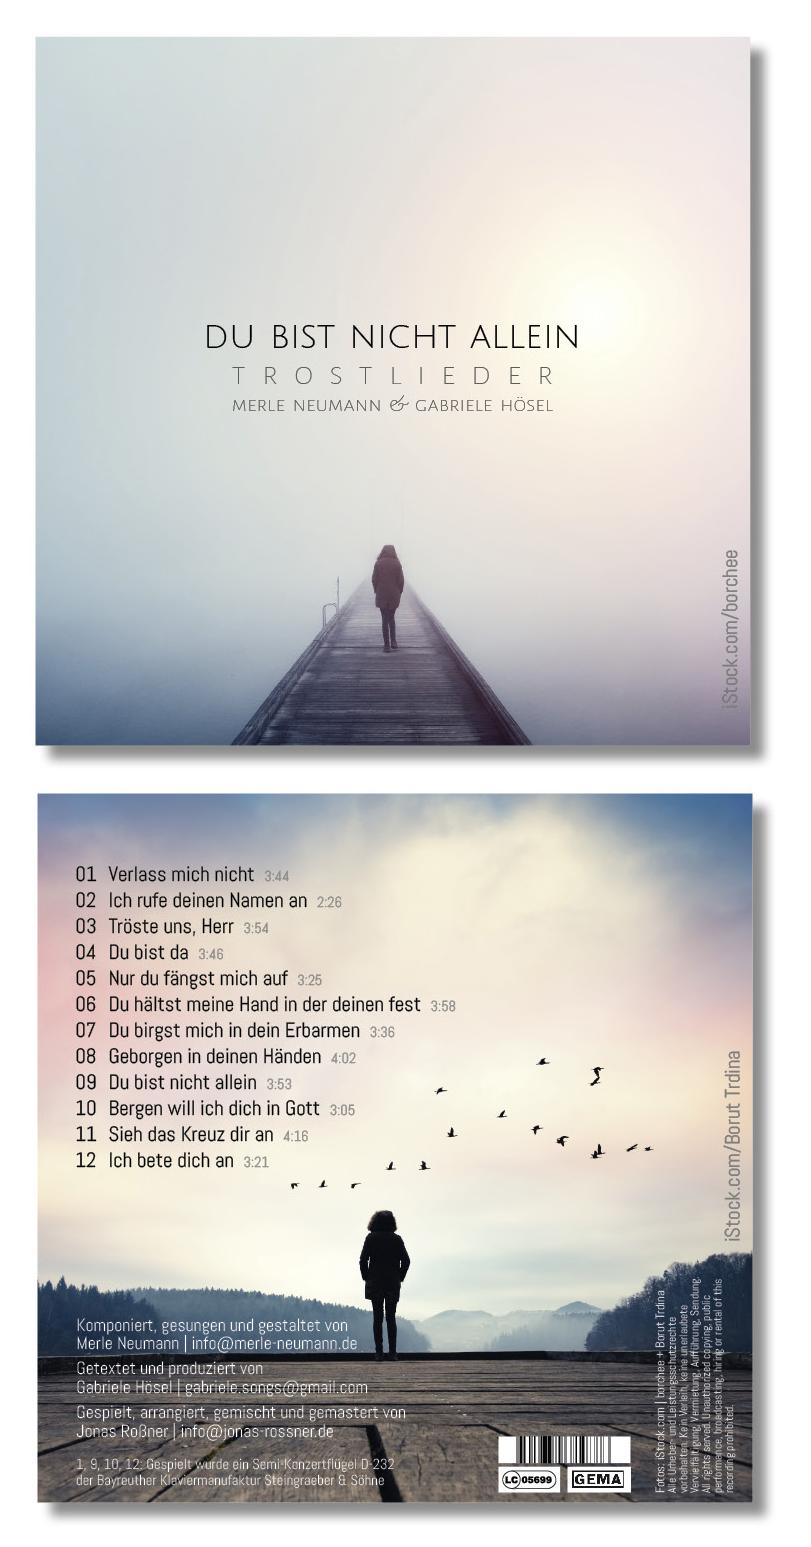 CD Du bist nicht allein - Trostlieder | Merle Neumann & Gabriele Hösel